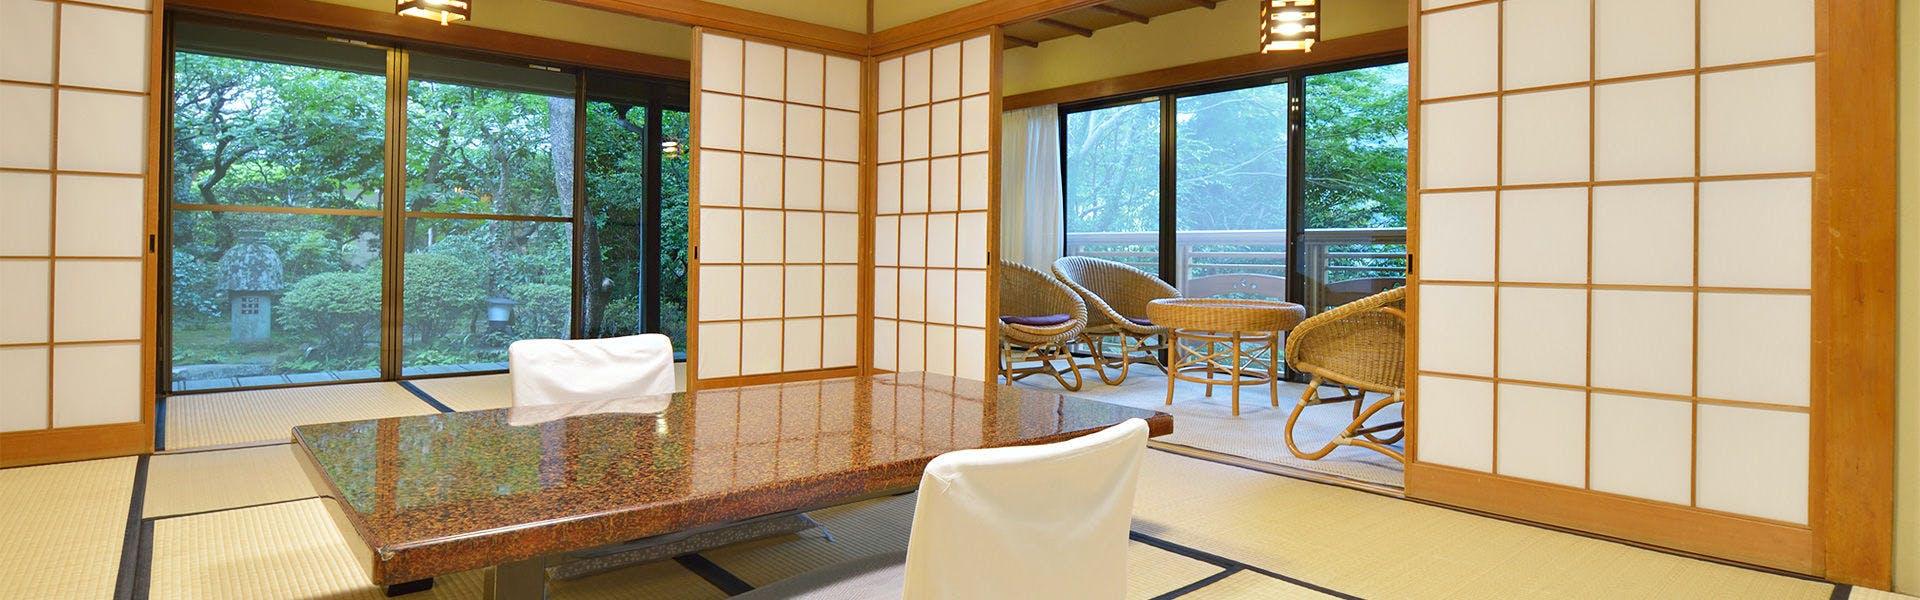 記念日におすすめのホテル・【箱根湯本温泉 玉庭】の写真2